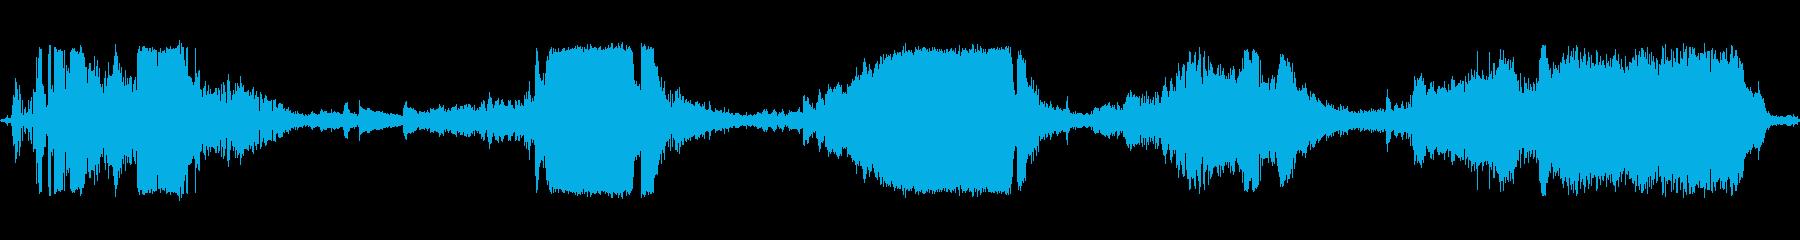 M-38アーミージープ:スタート、...の再生済みの波形